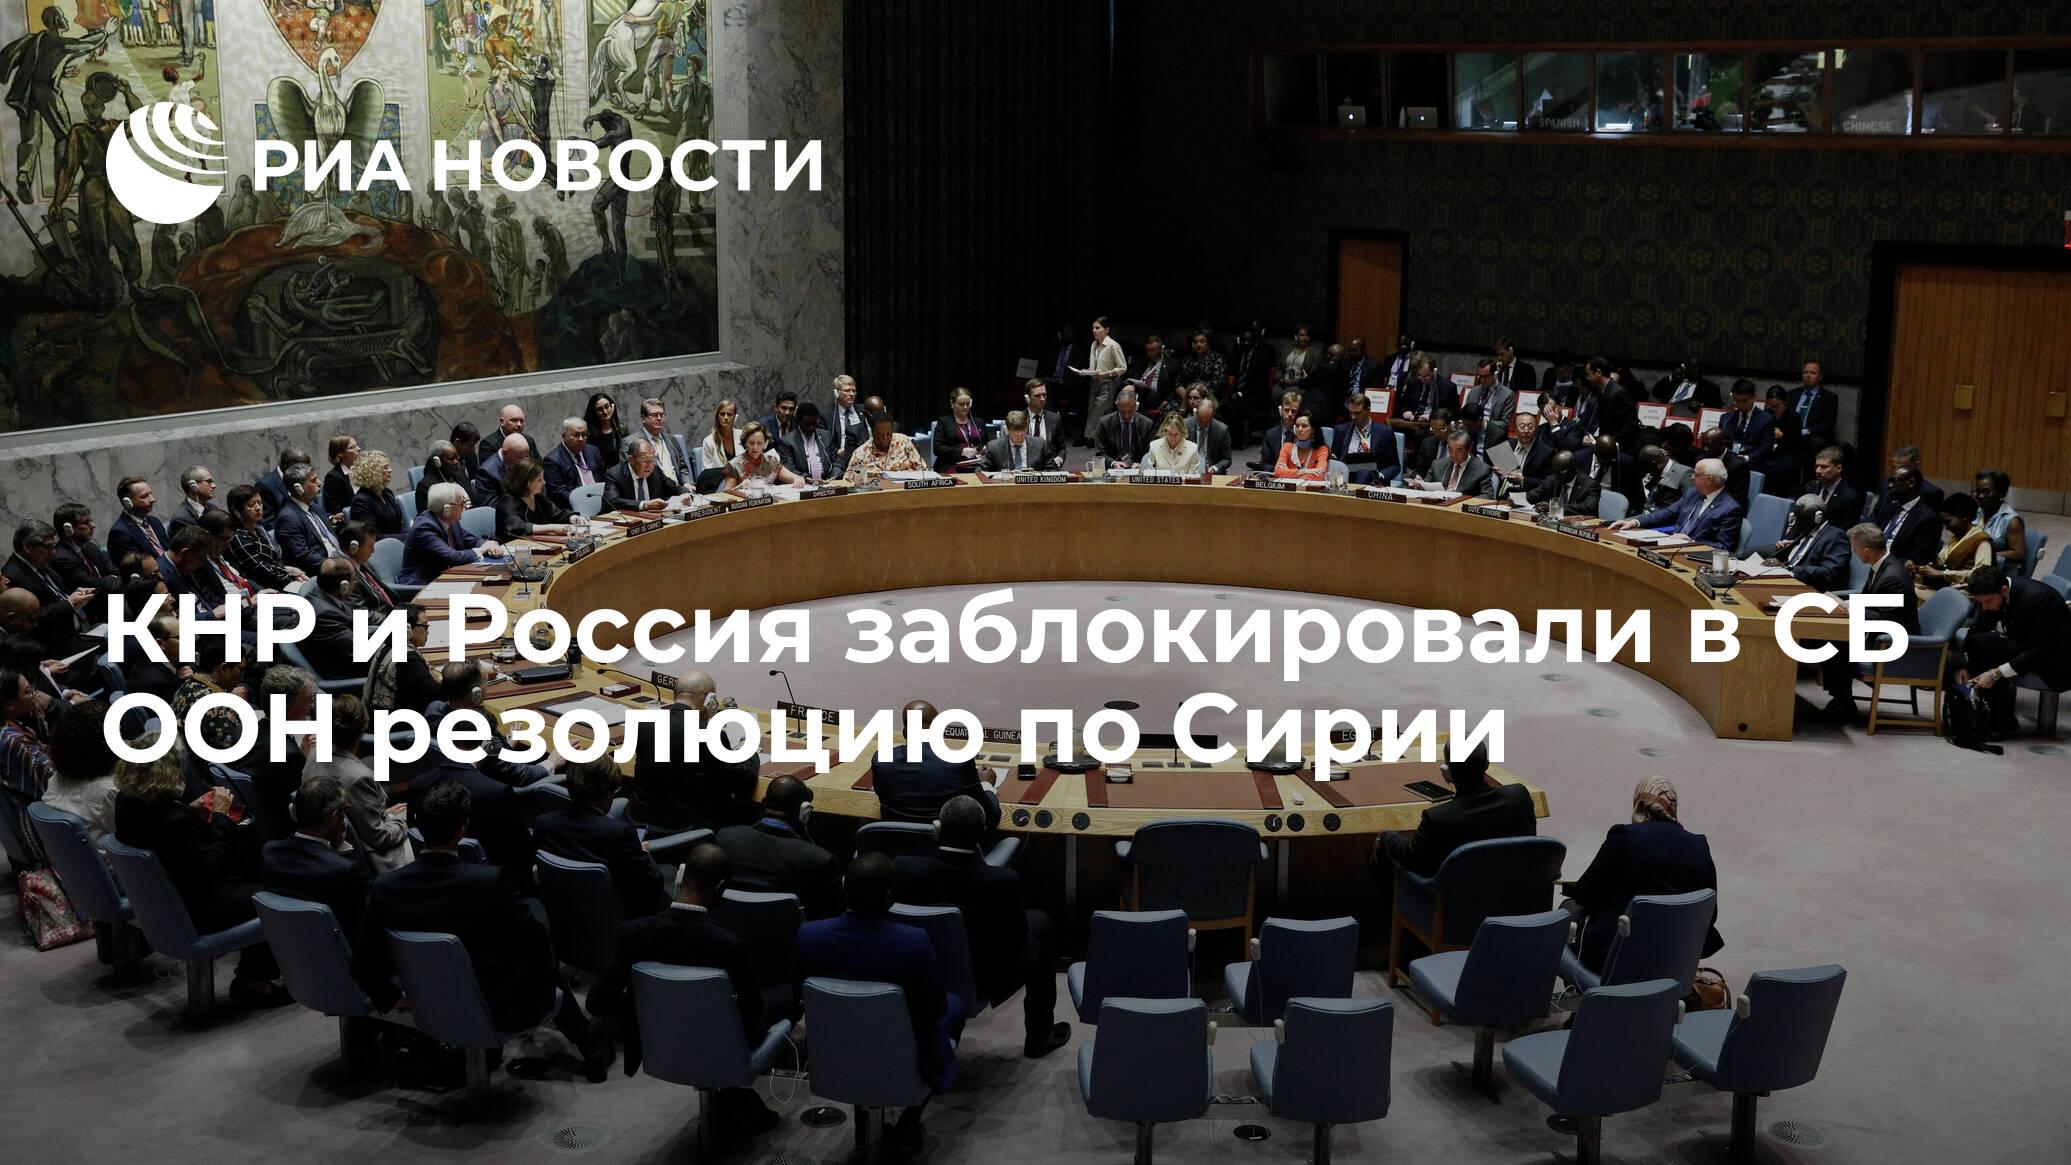 КНР и Россия заблокировали в СБ ООН резолюцию по Сирии - РИА НОВОСТИ